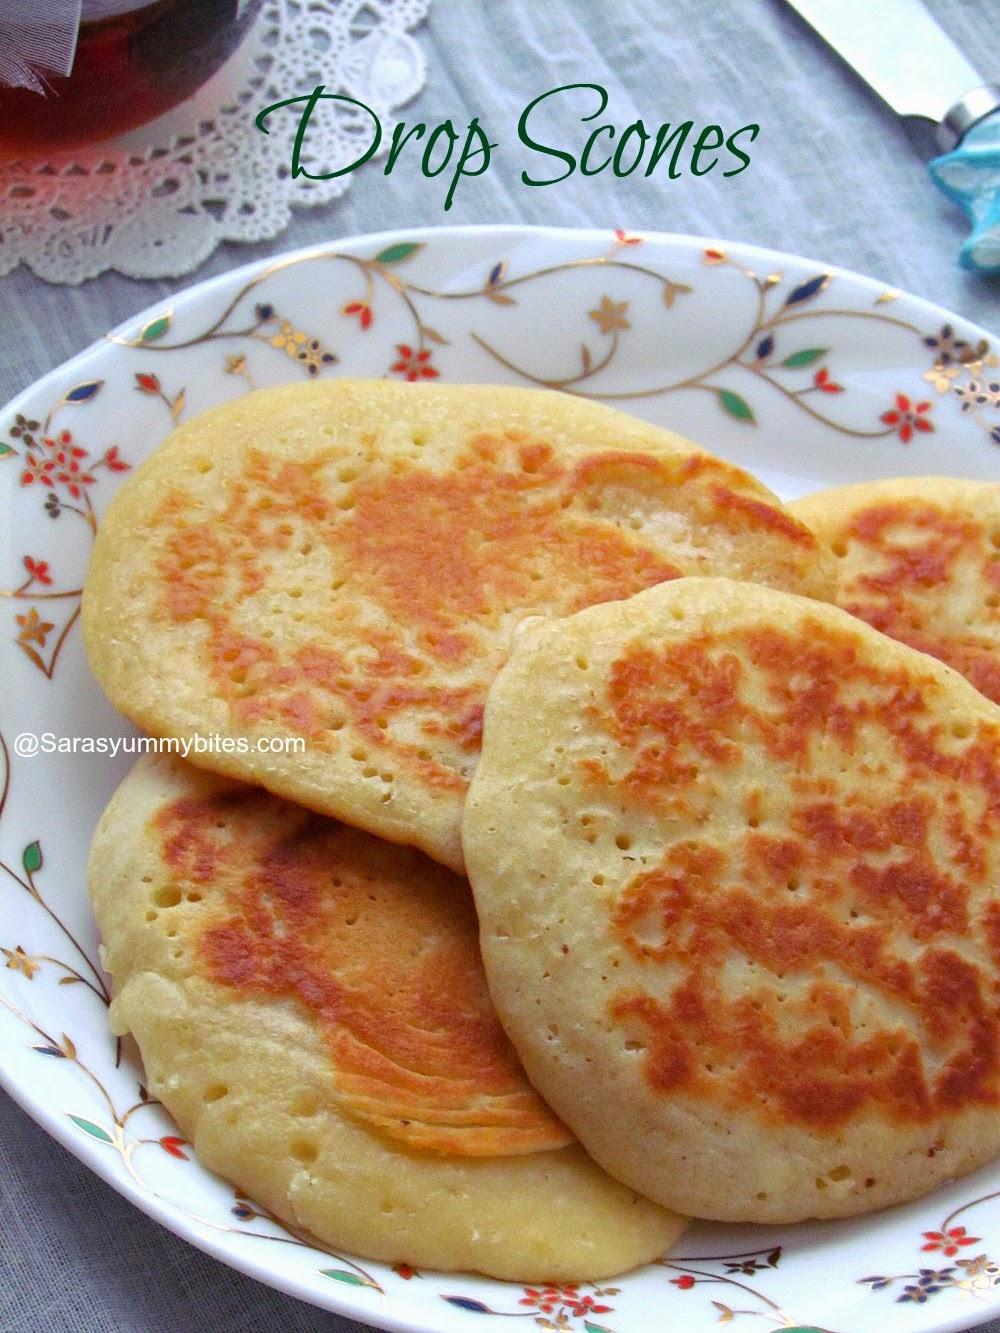 the breakfast bible's drop scones / drop scones